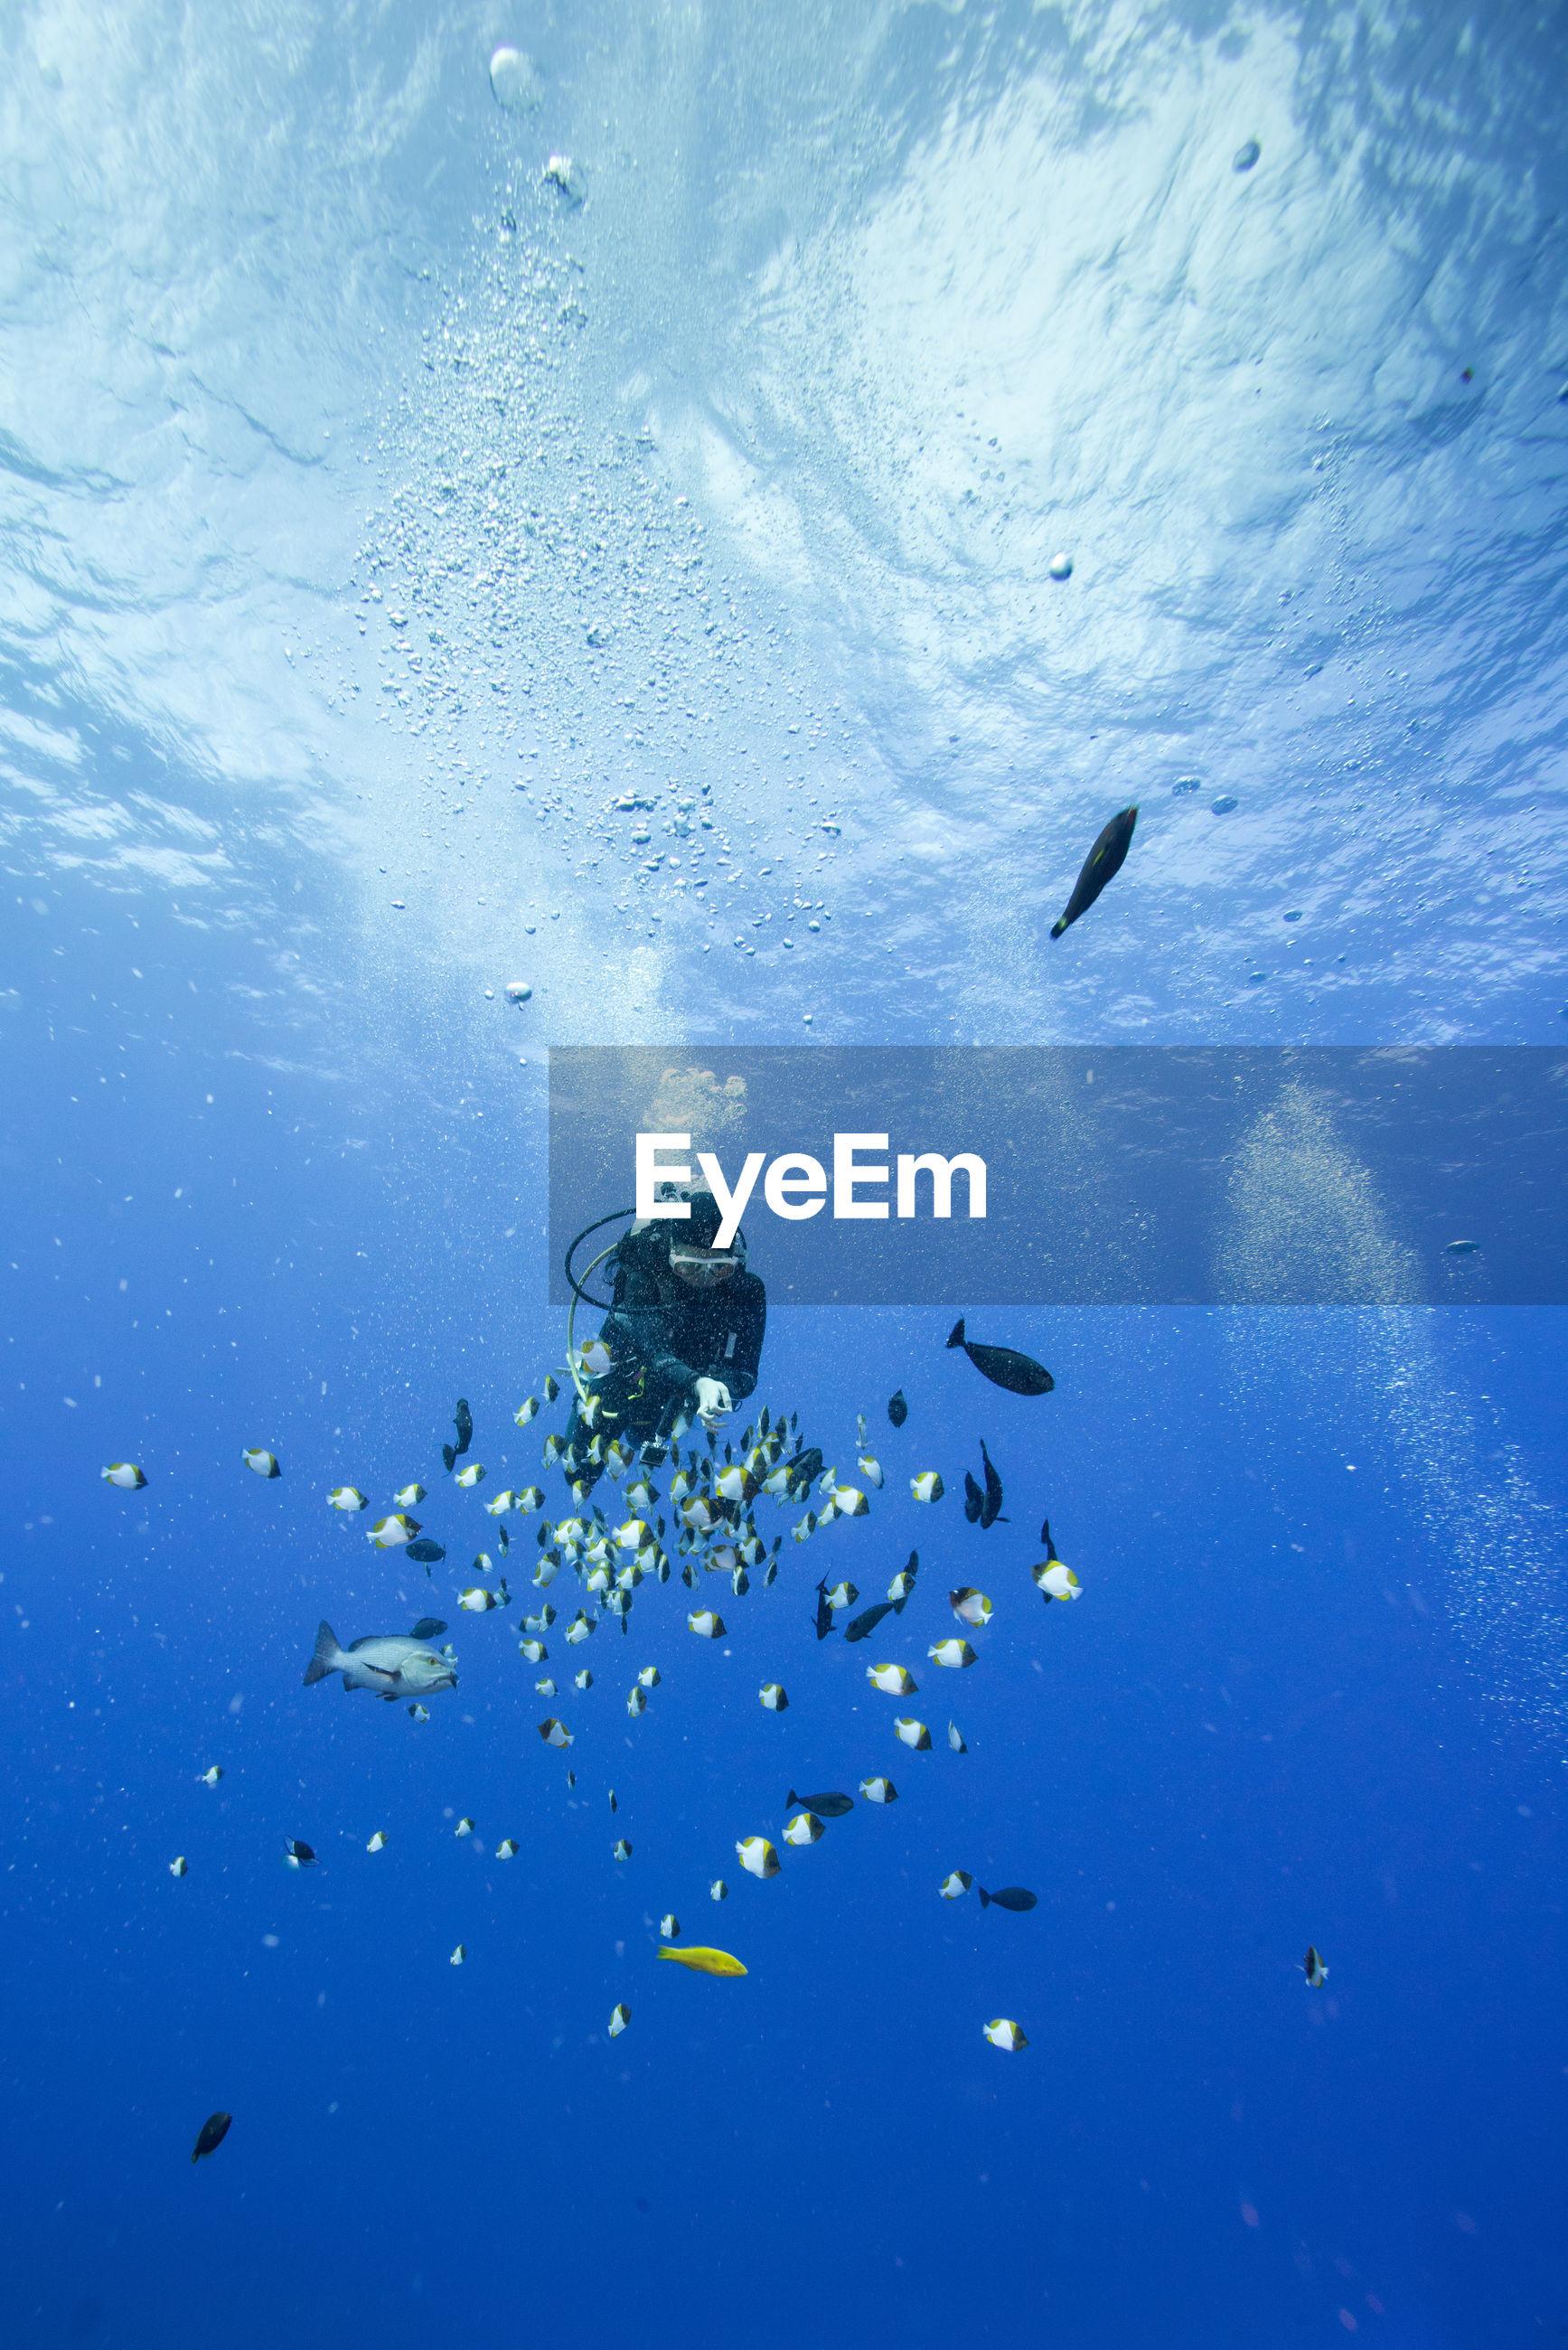 Scuba diver swimming amidst fish in sea